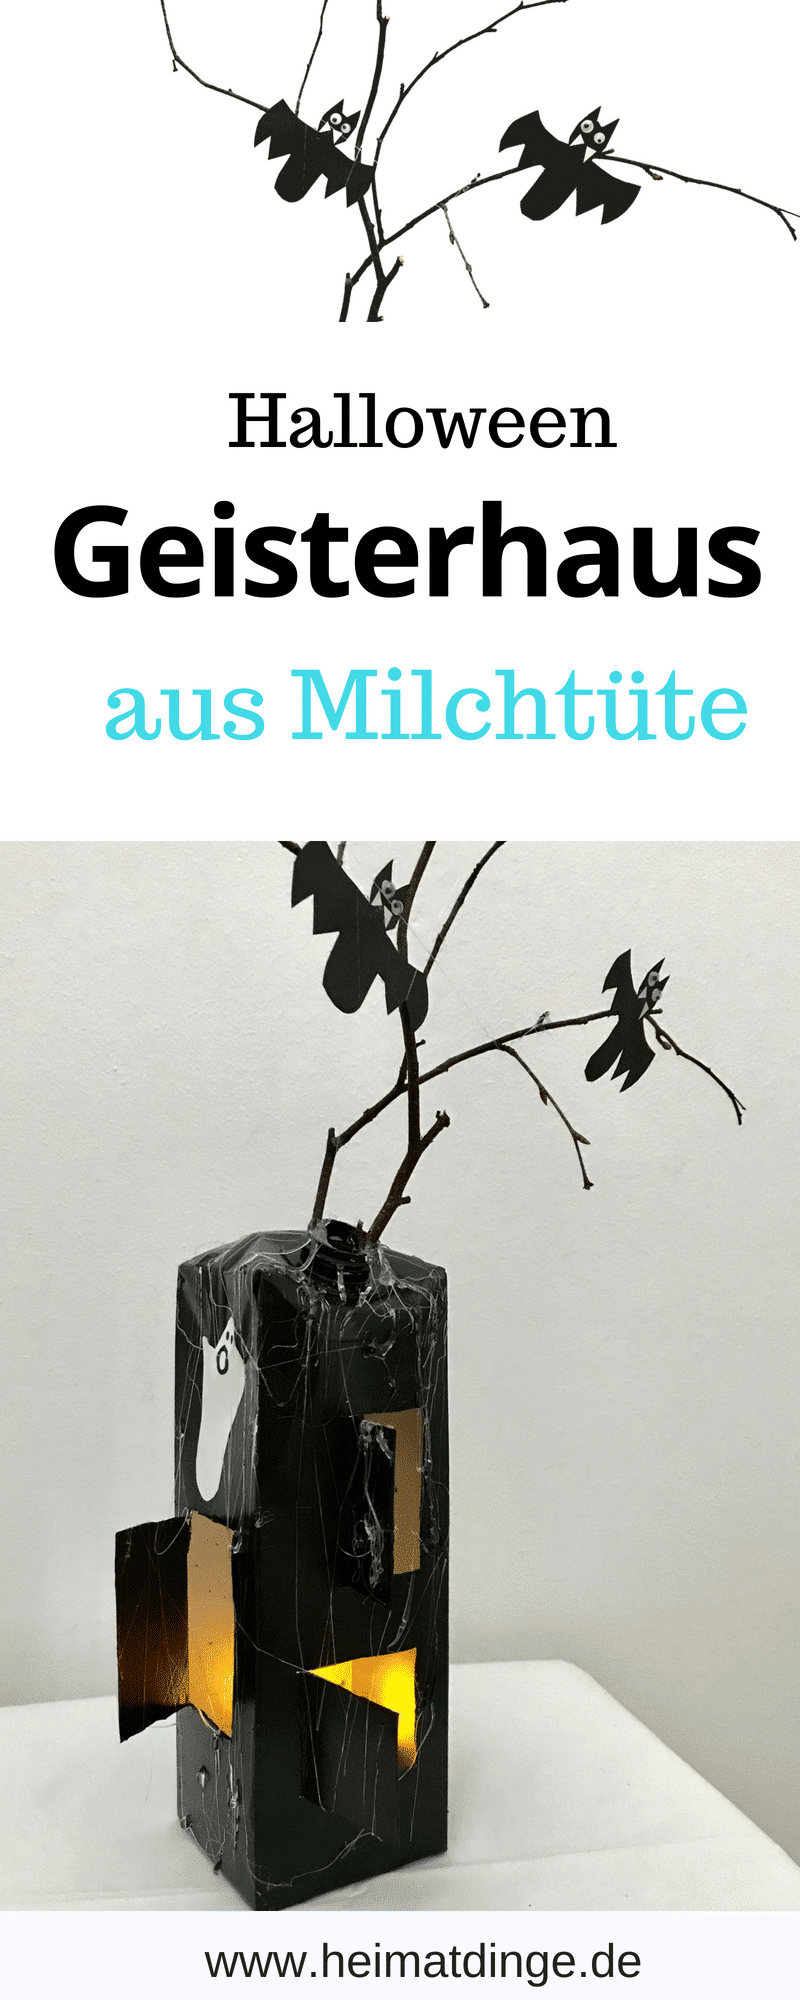 DIY Halloween Deko, Geisterhaus Laterne basteln